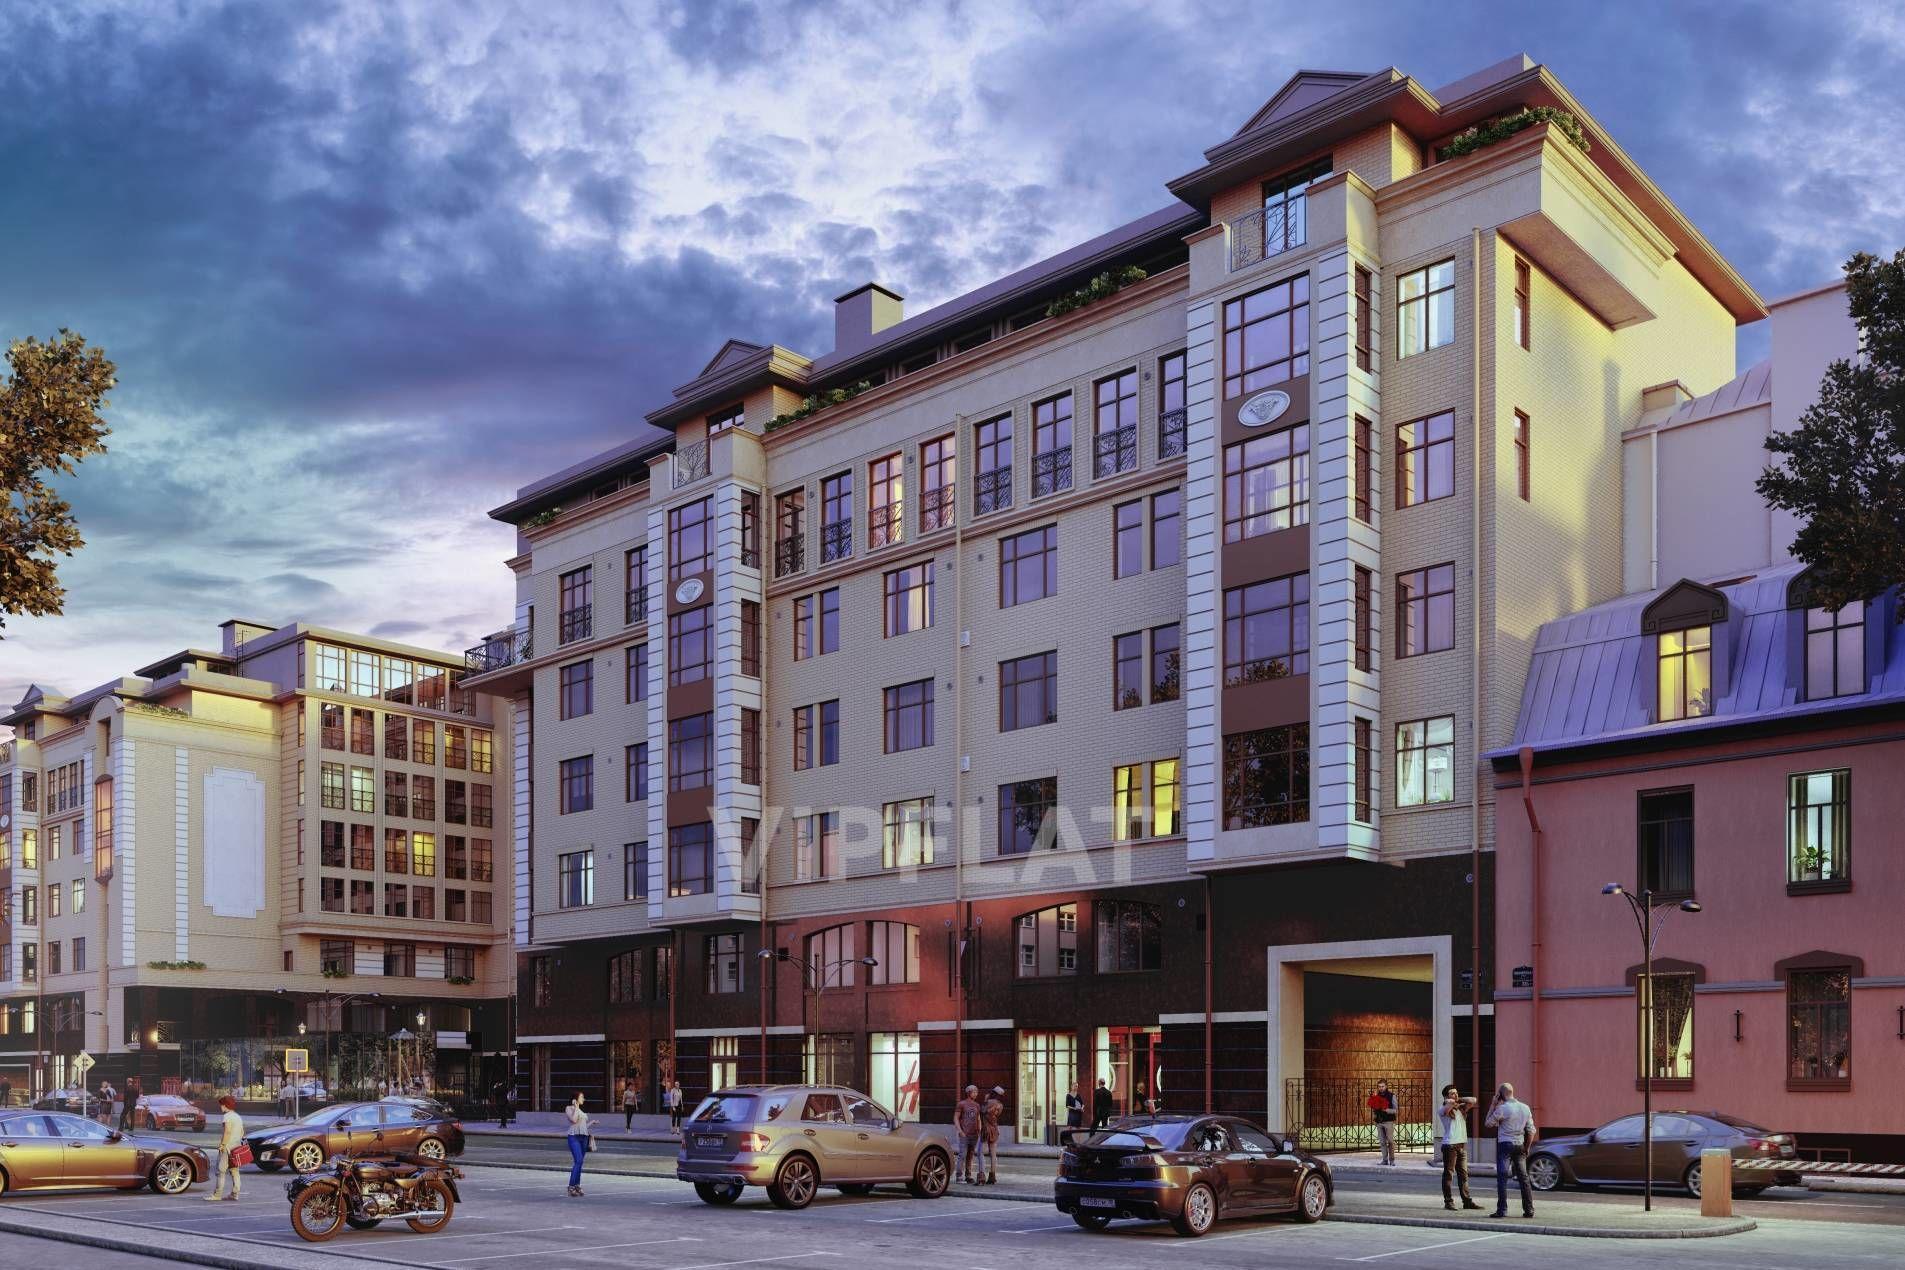 Продажа элитных квартир Санкт-Петербурга. Пионерская ул., 33 Эркеры и французские балконы украшают фасад